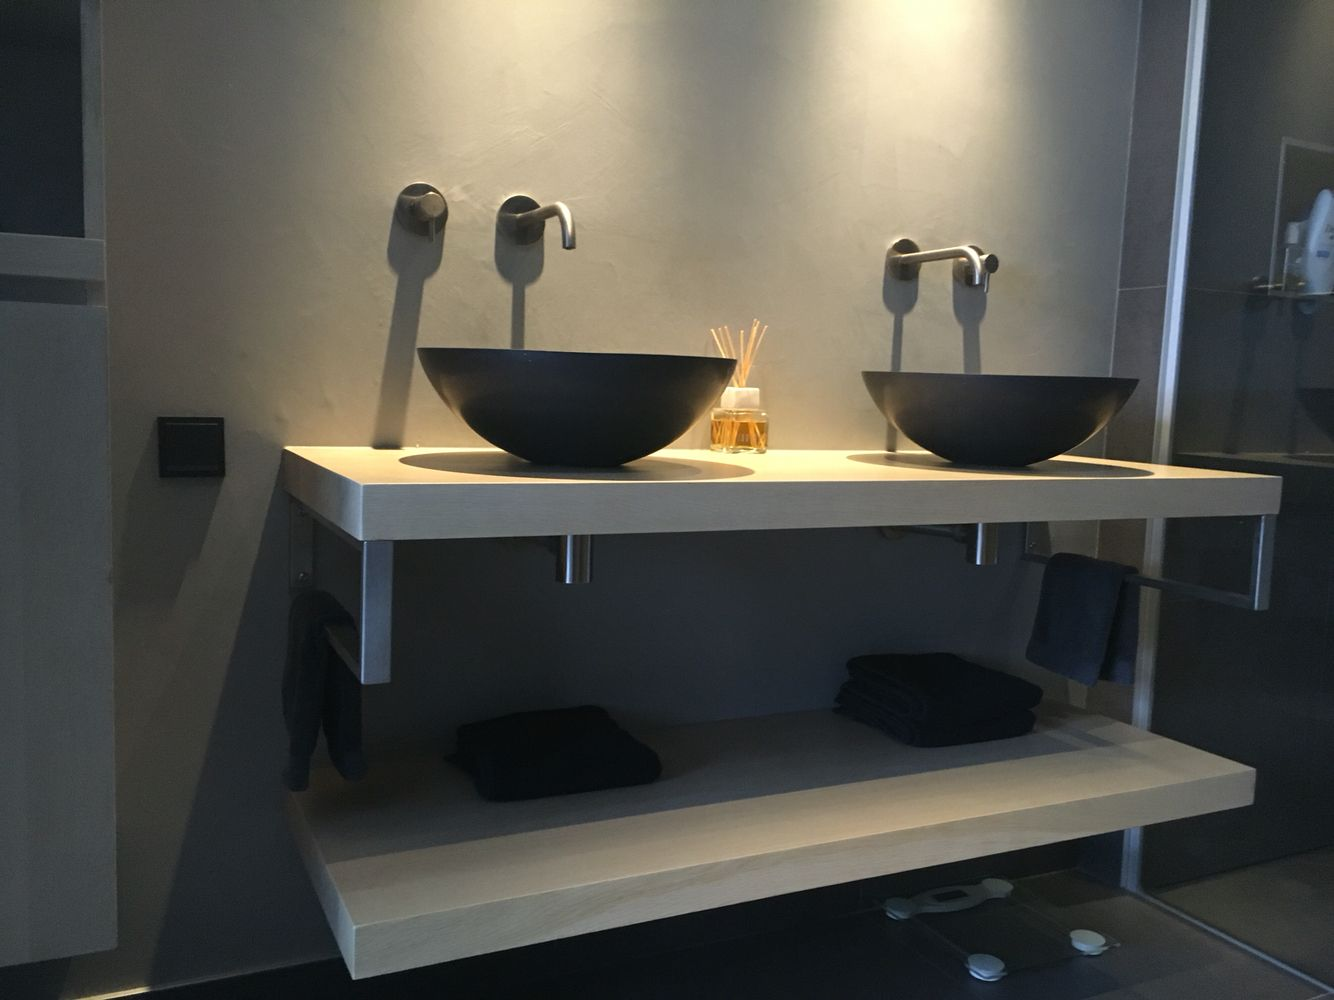 zwarte waskommen eiken badkamermeubel hotbath inbouwkranen van